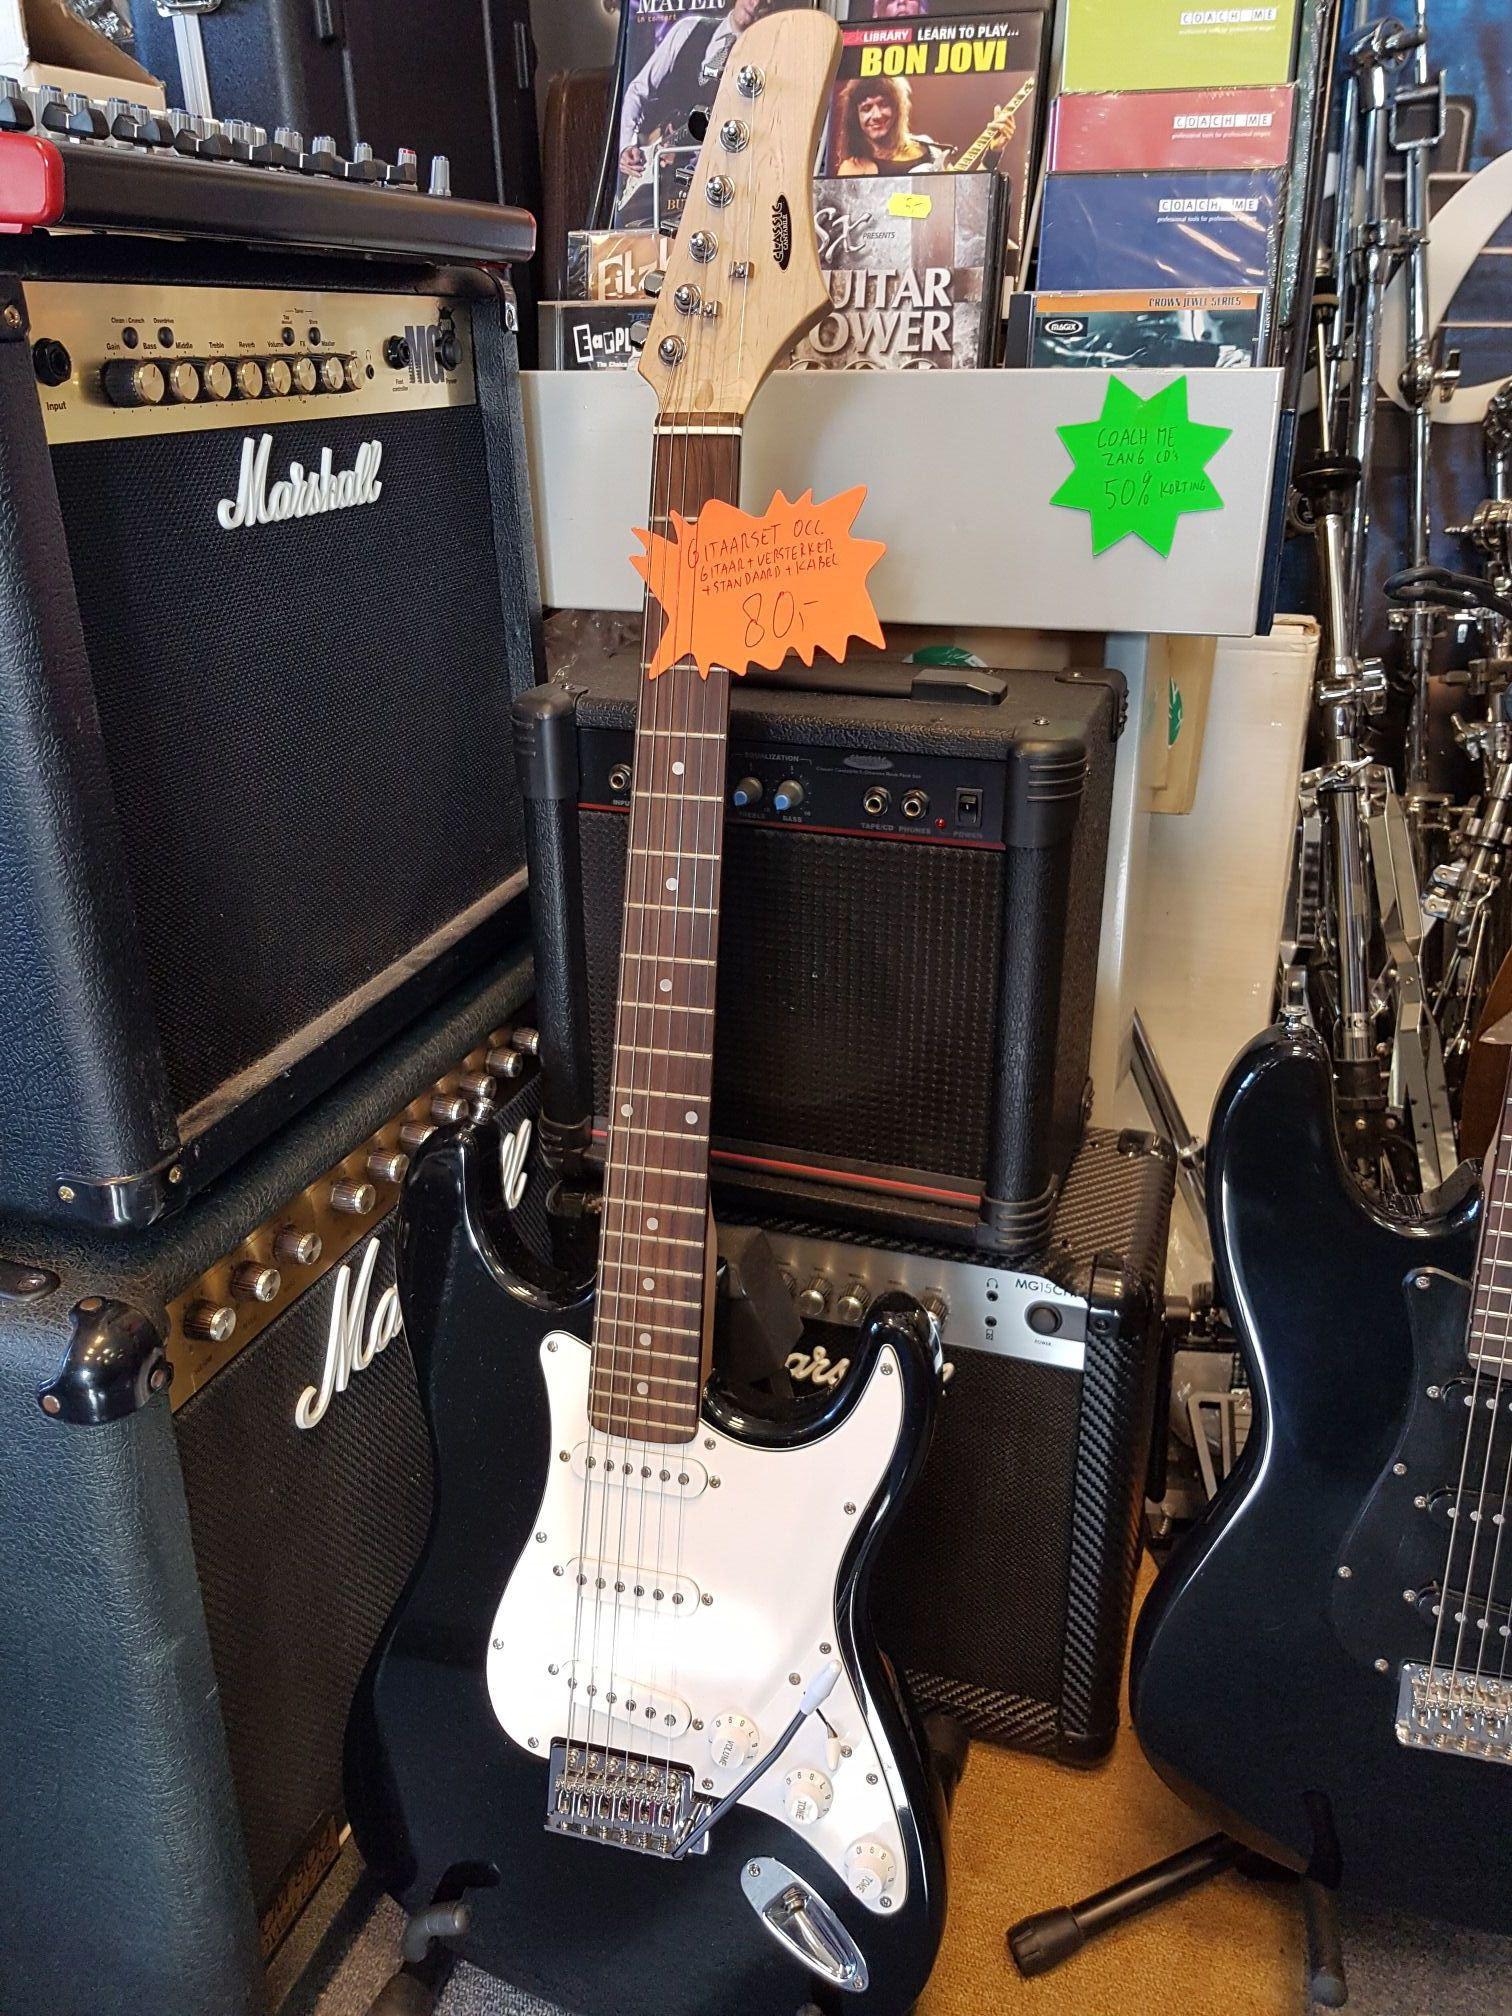 Sjonniegitaar Muziekdiscount Comet Epiphone Guitar Amplifier Schematic Cantabile Complete Gitaarset Beginners Elektrische Inclusief Versterker Jack Kabel En Standaard Gitaar Met Volume 2 X